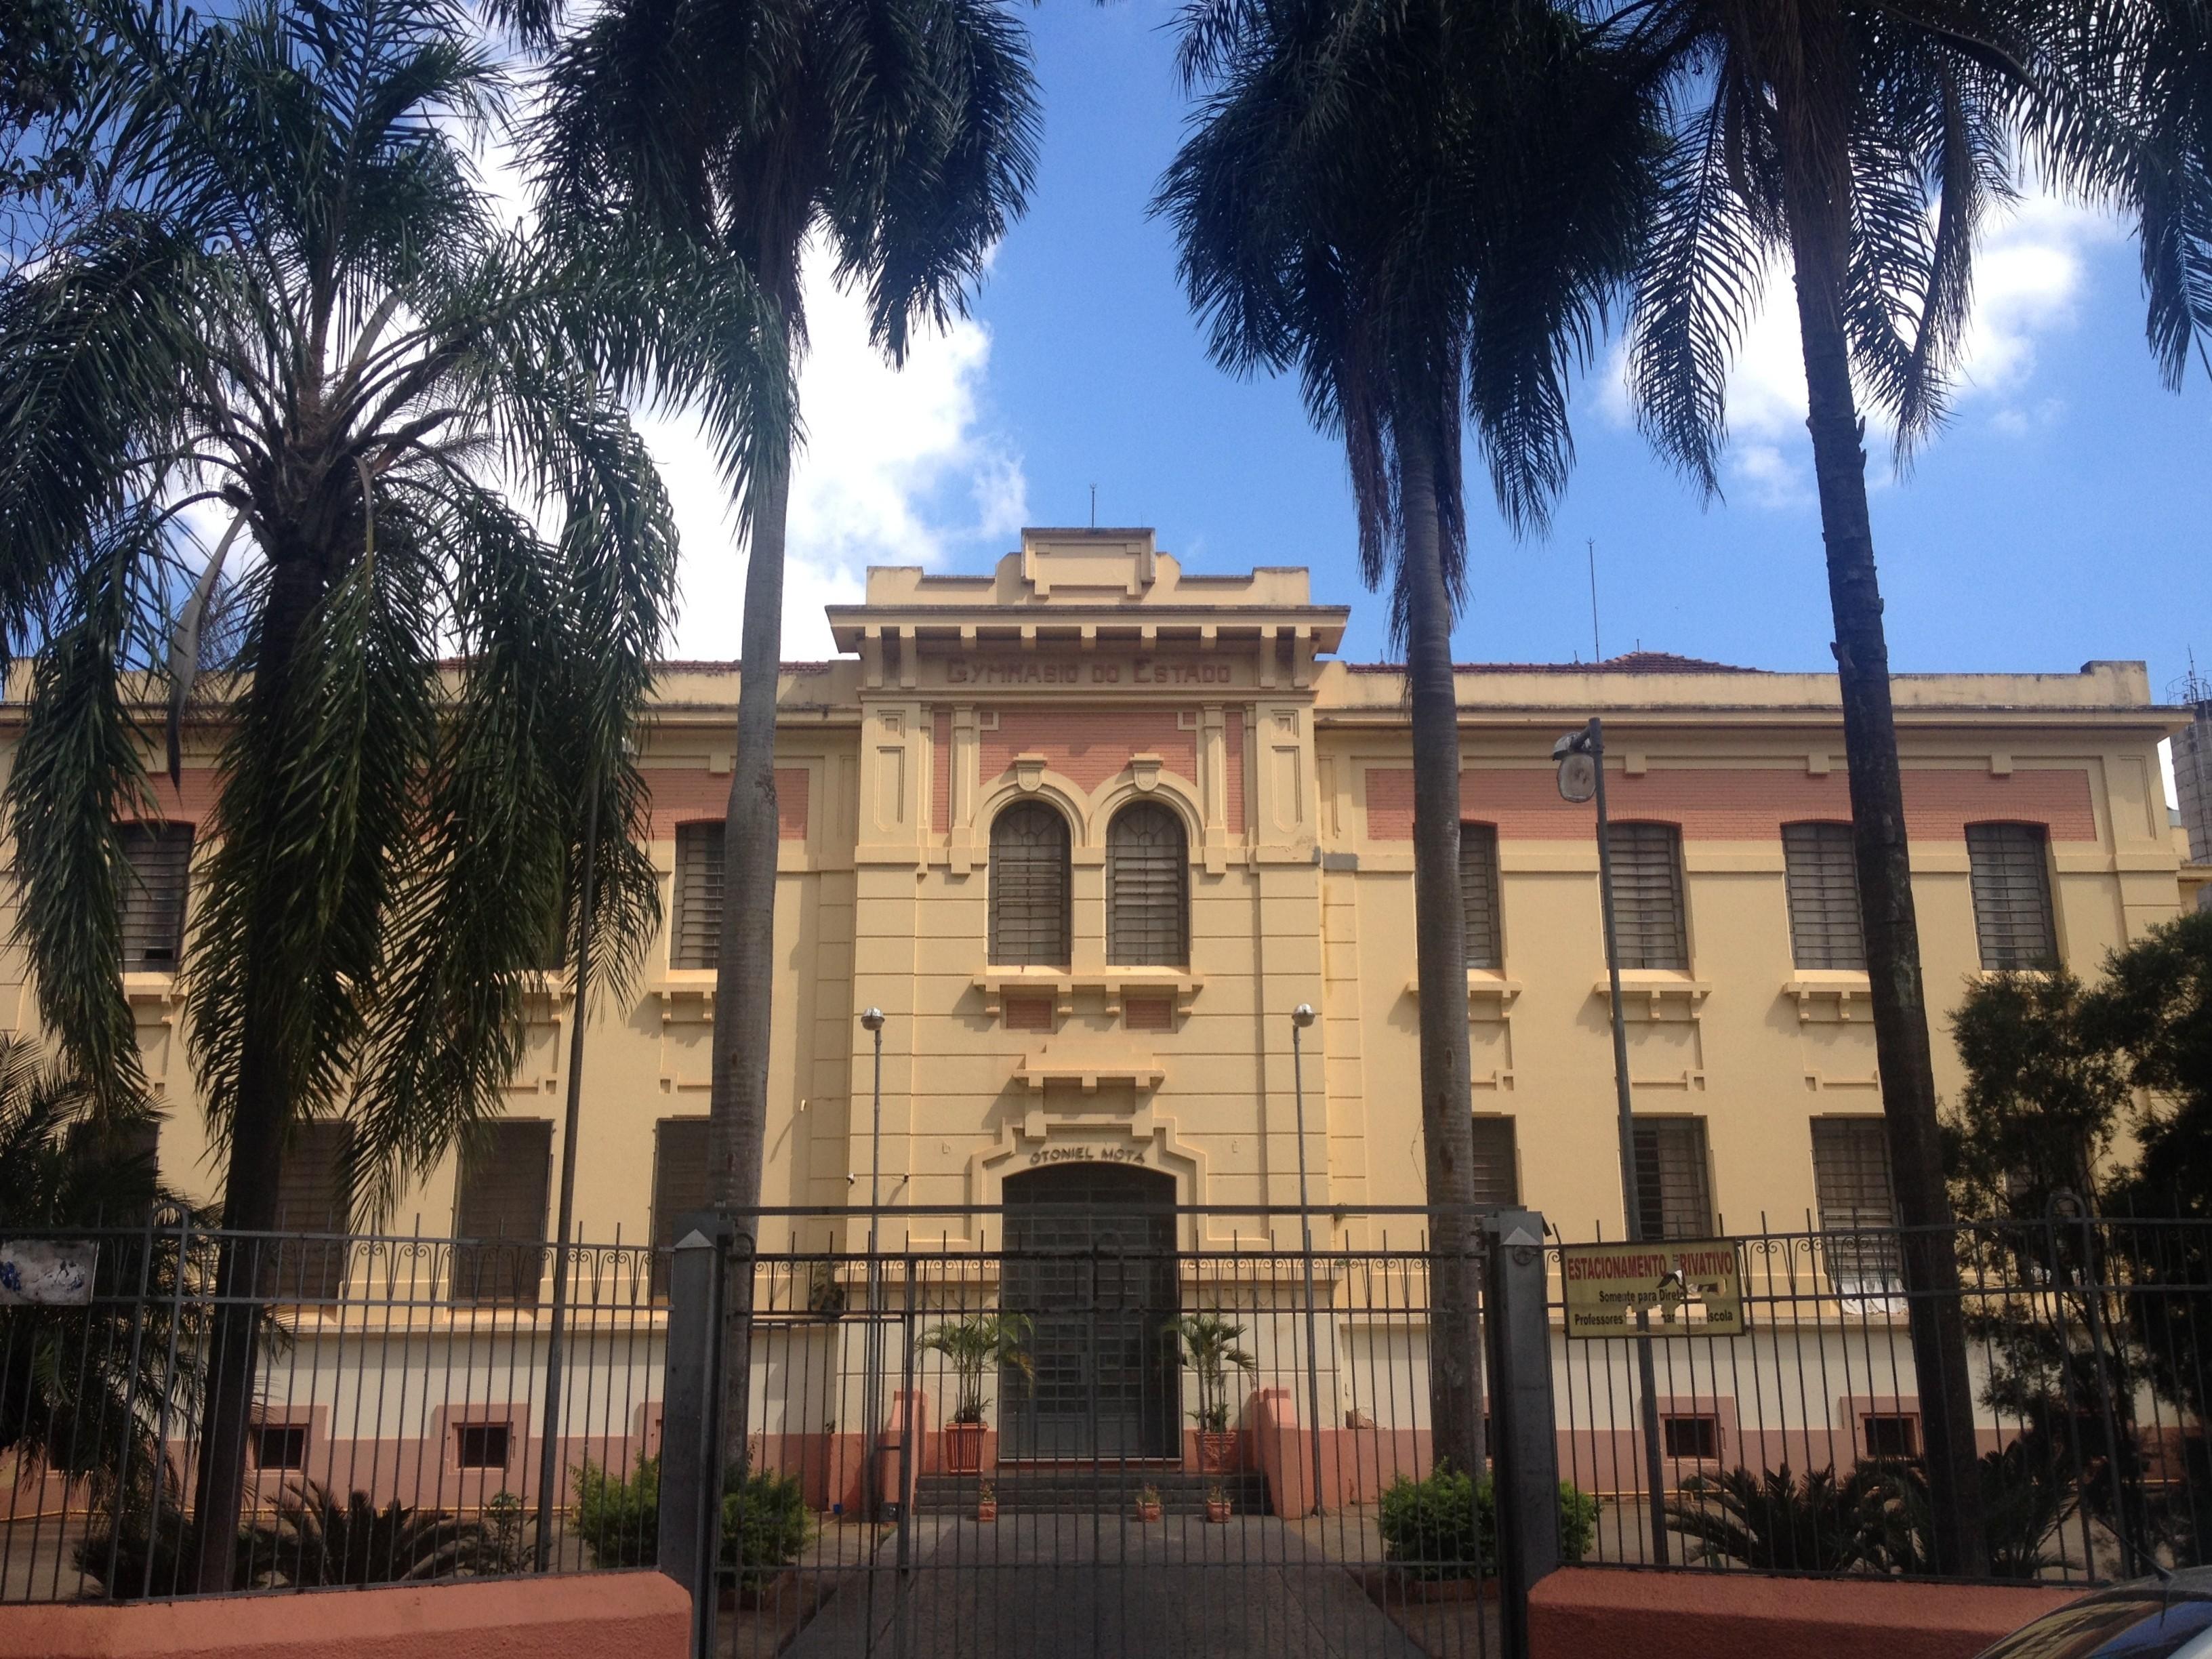 O Gymnasio do Estado hoje Escola Estadual Otoniel Mota fundado em 1907 foi o primeiro colégio do interior de S£o Paulo e o terceiro do Estado